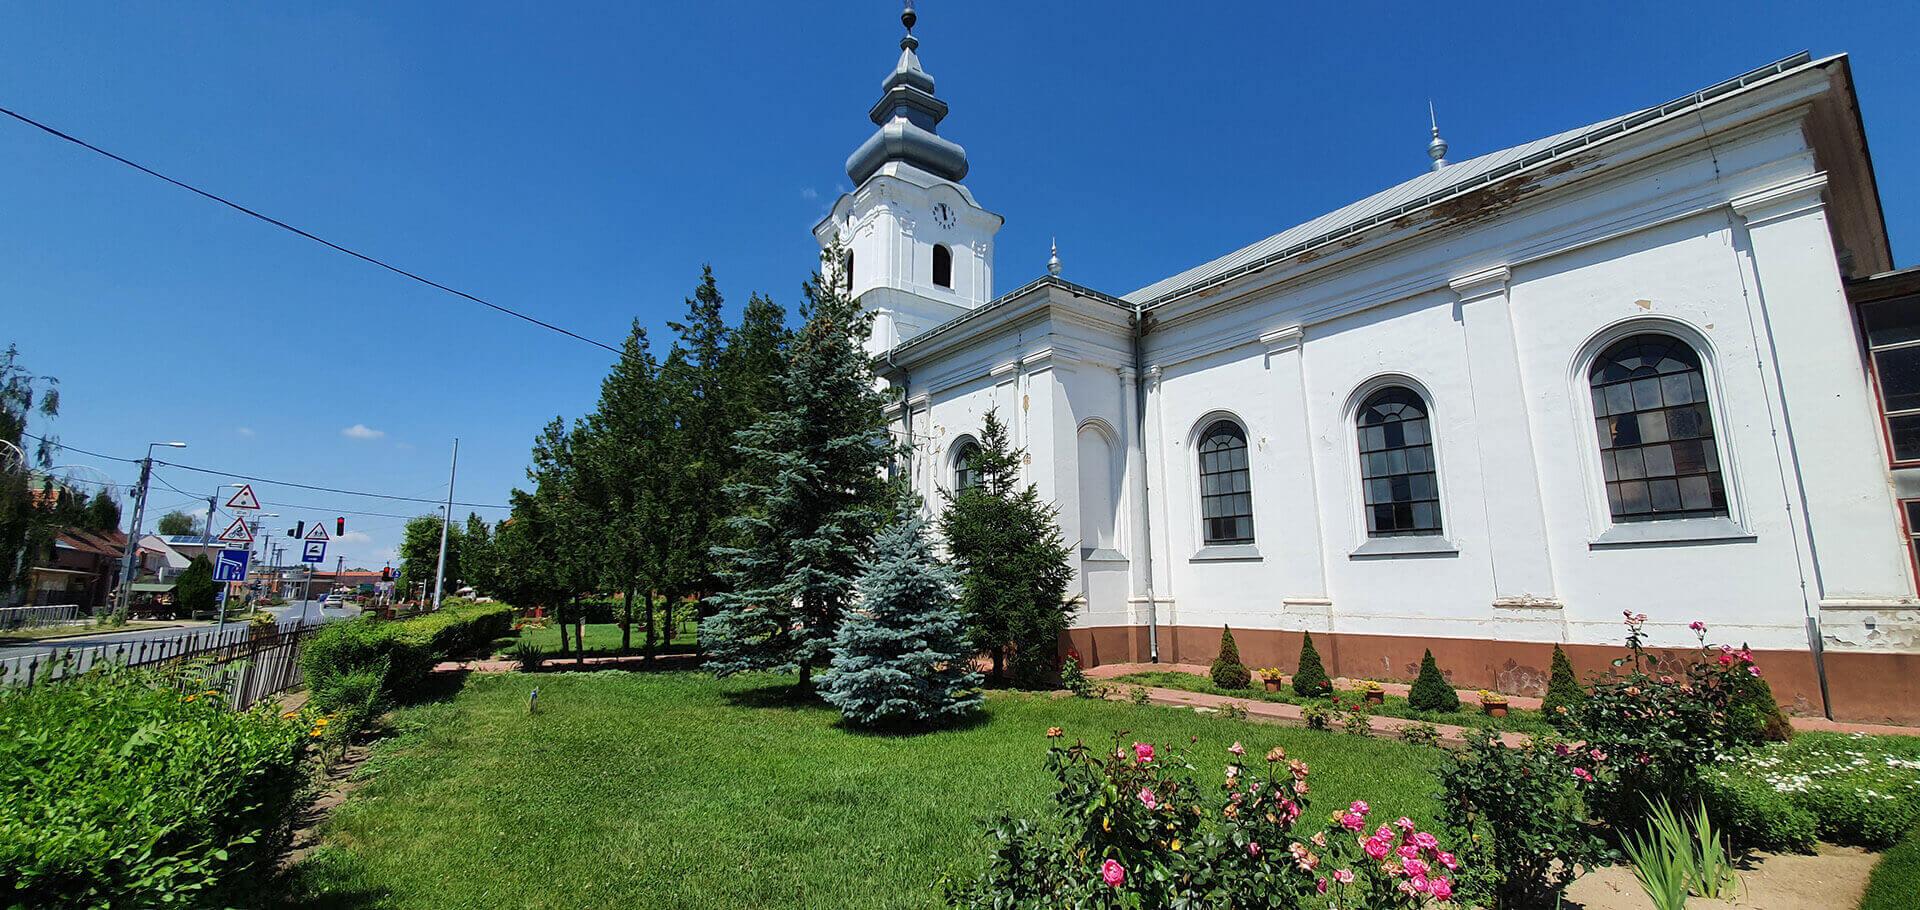 Hajdúsámsoni Református Egyházközség